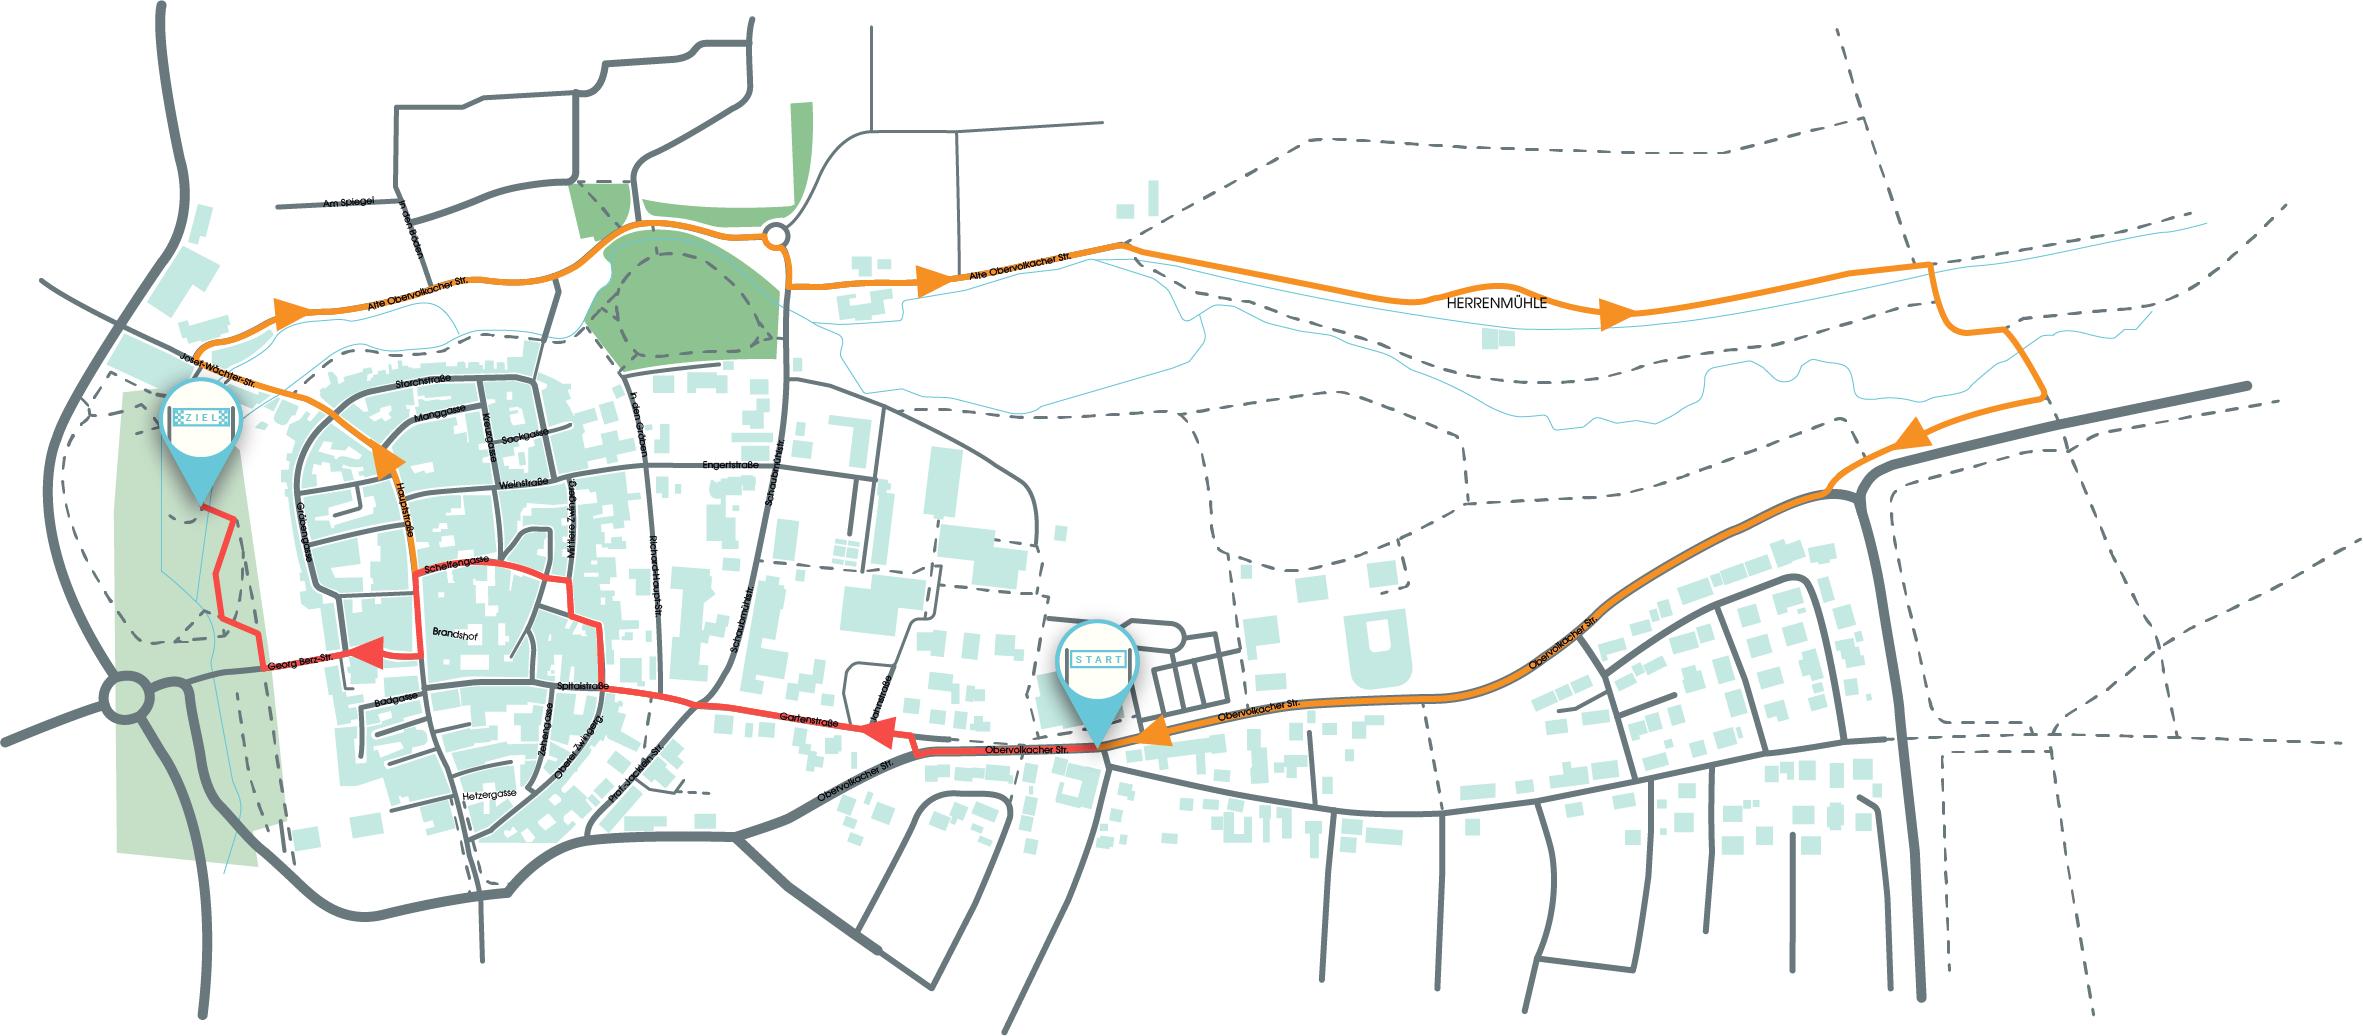 Strecke des eoRuns 2021